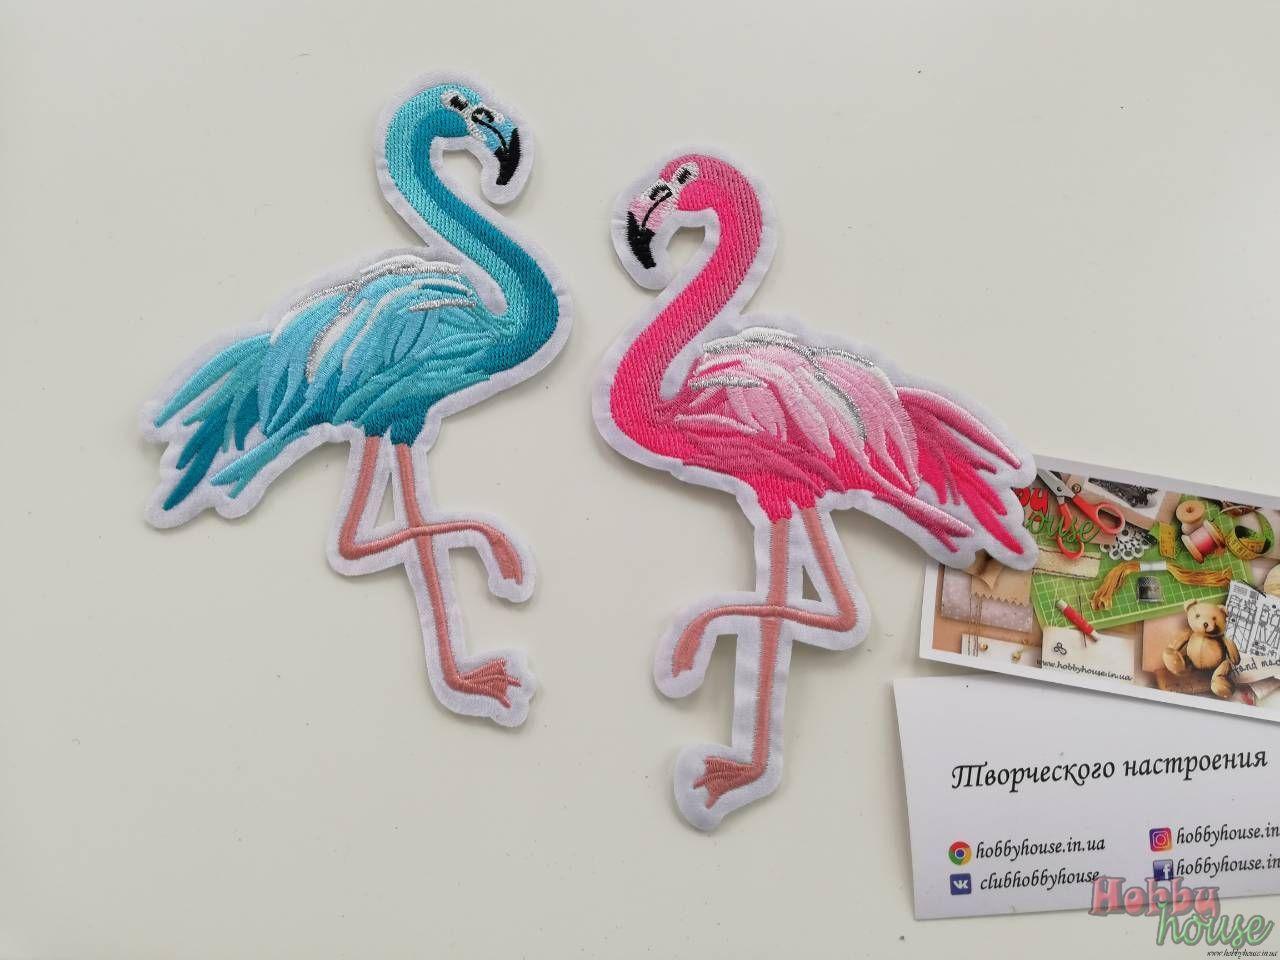 Аппликация фламинго - 16 грн./шт.